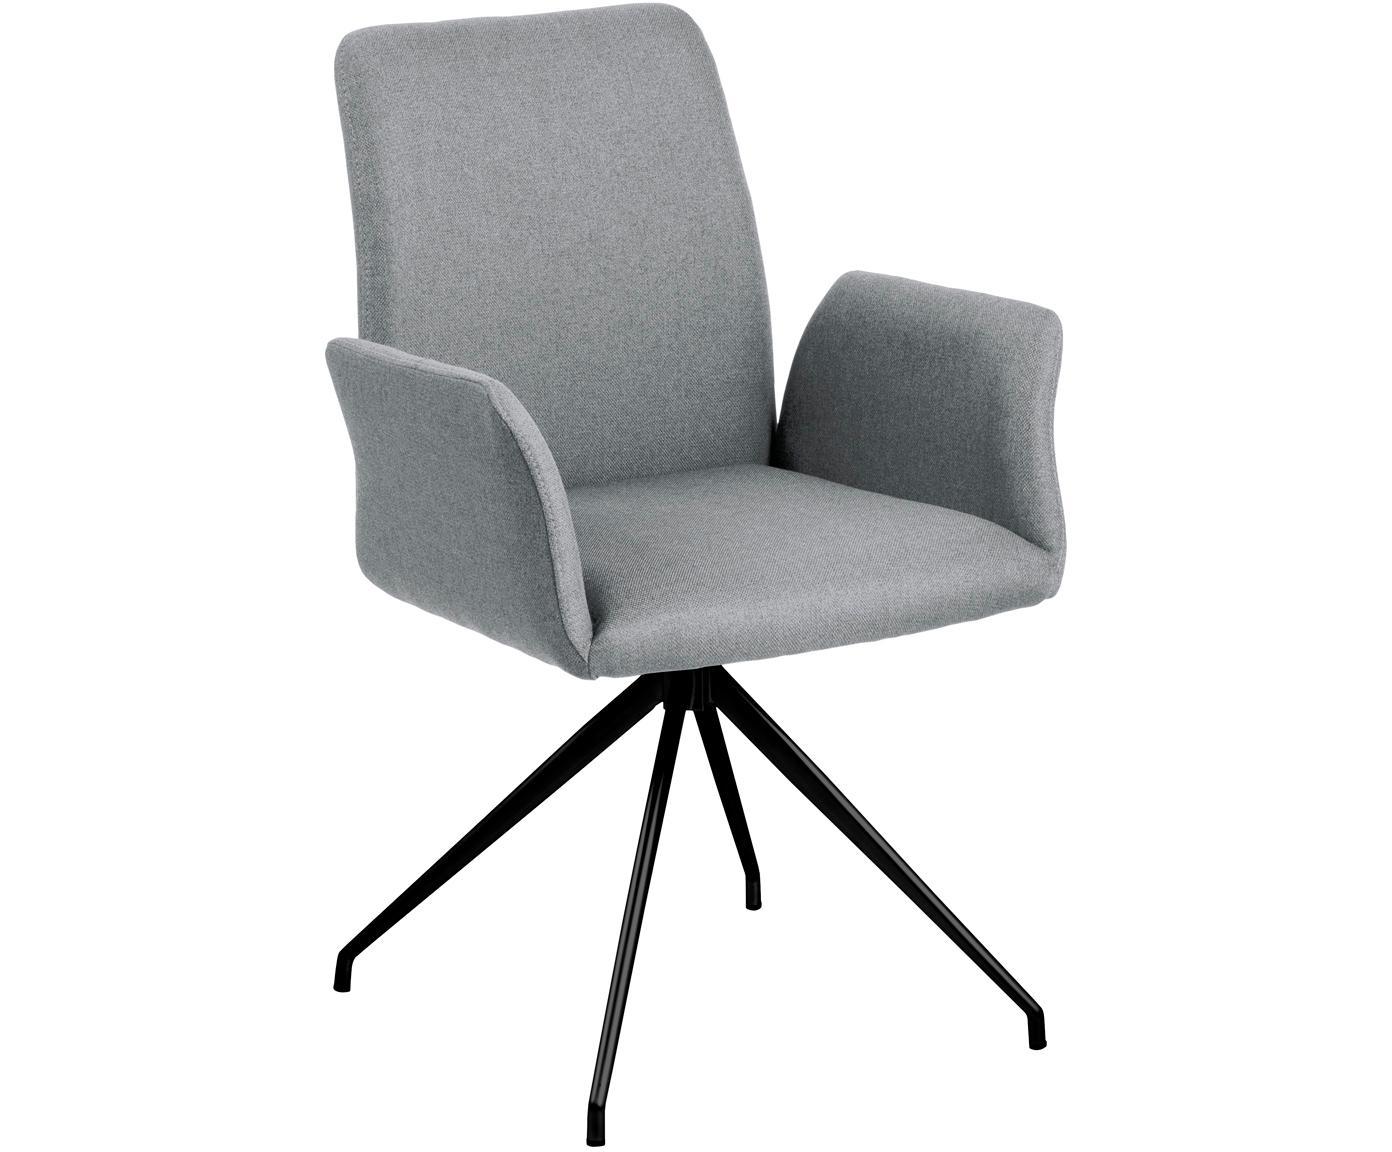 Krzesło obrotowe Naya, Tapicerka: poliester 25 000 cykli w , Stelaż: metal malowany proszkowo, Jasny szary, S 59 x G 59 cm